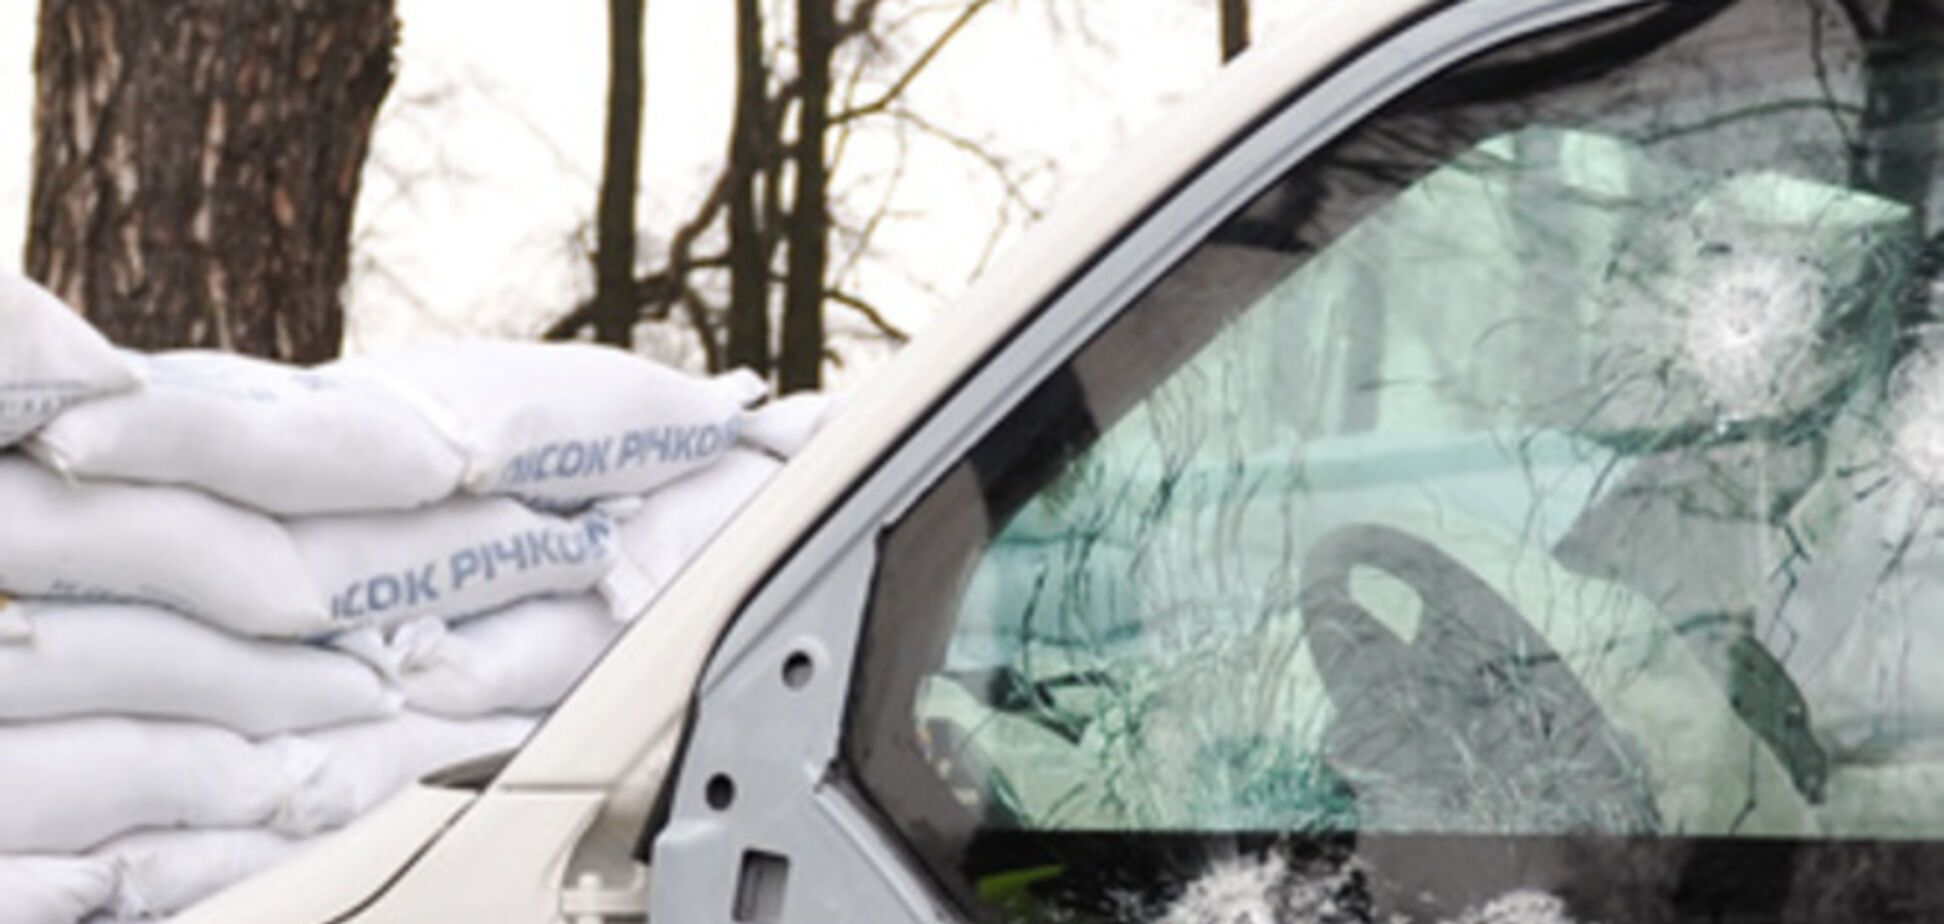 На Днепропетровщине из гранатомета расстреляли инкассаторскую машину: четверо погибших